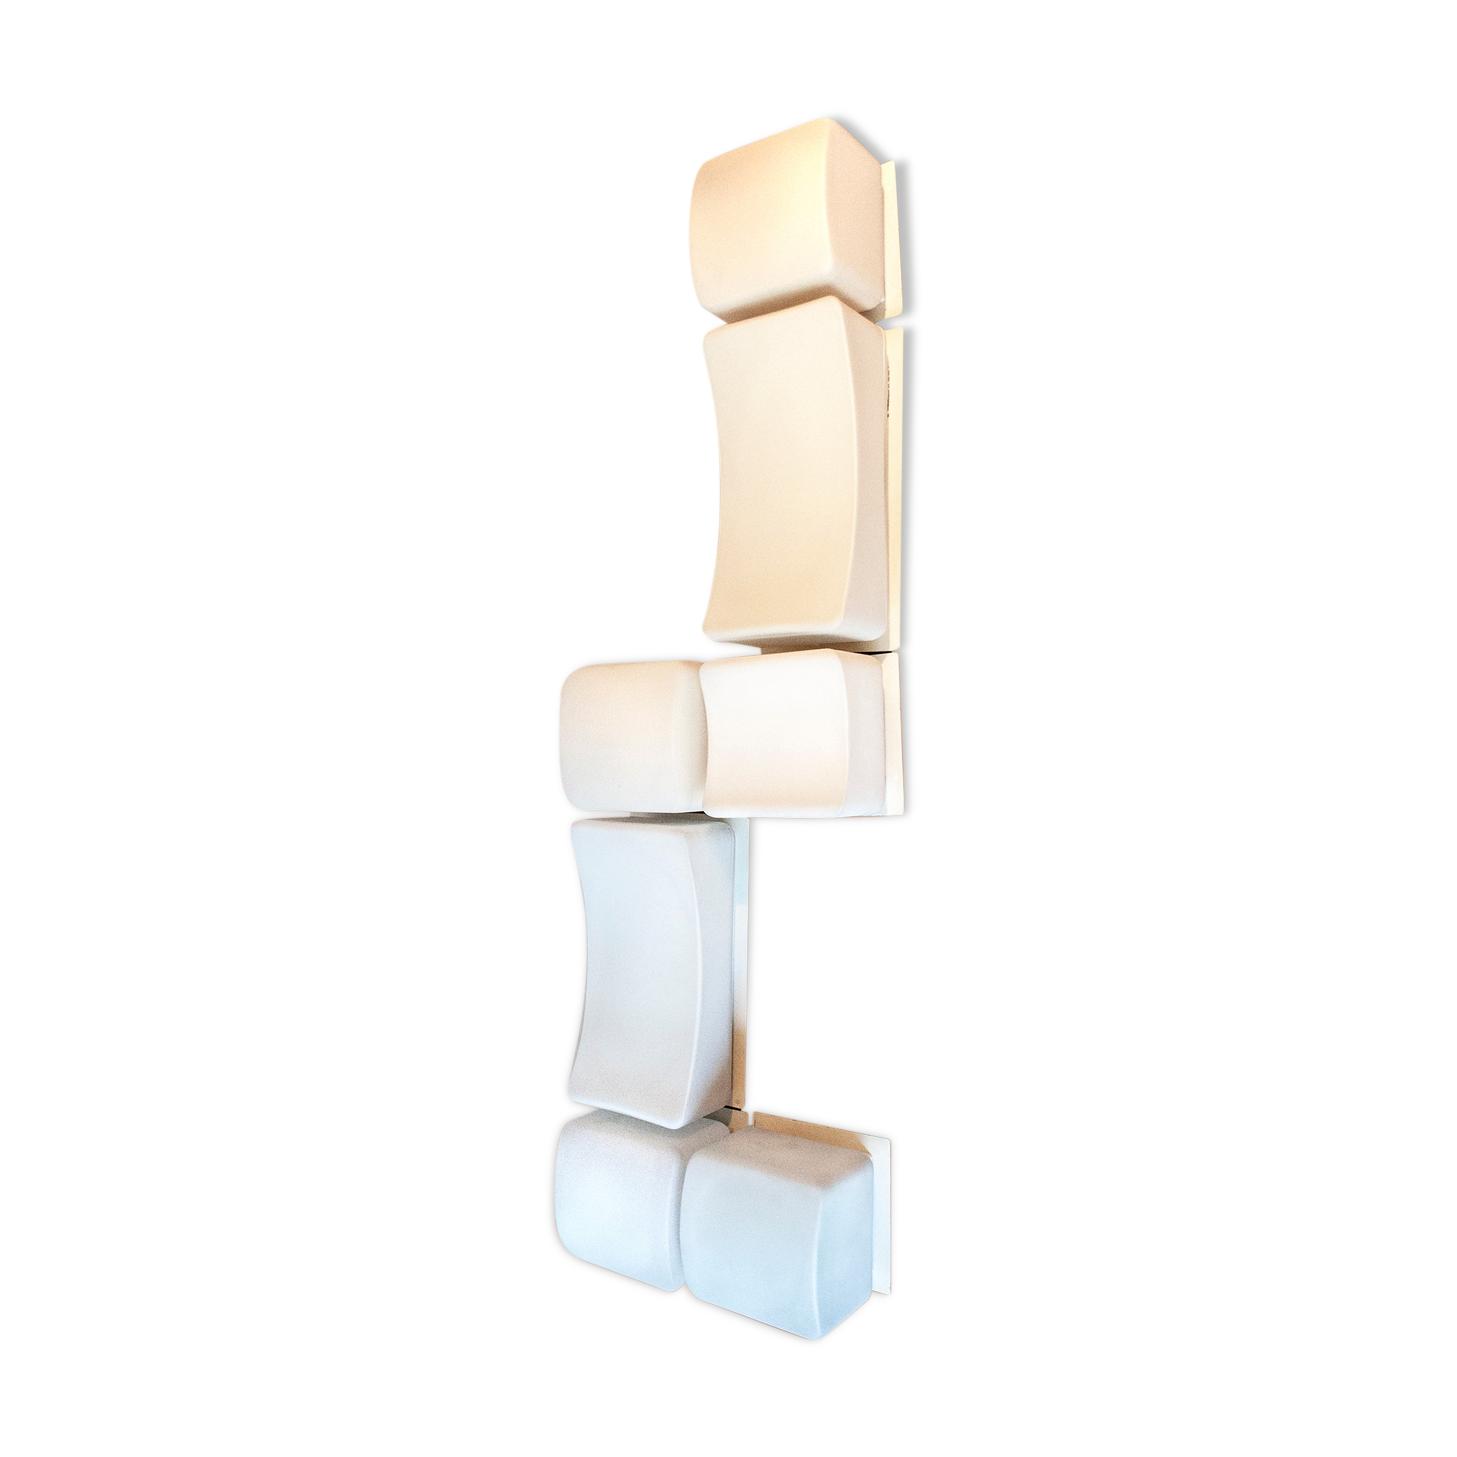 Lampe composable Onda de Claudio Salocchi Pour Lumenform Années 70